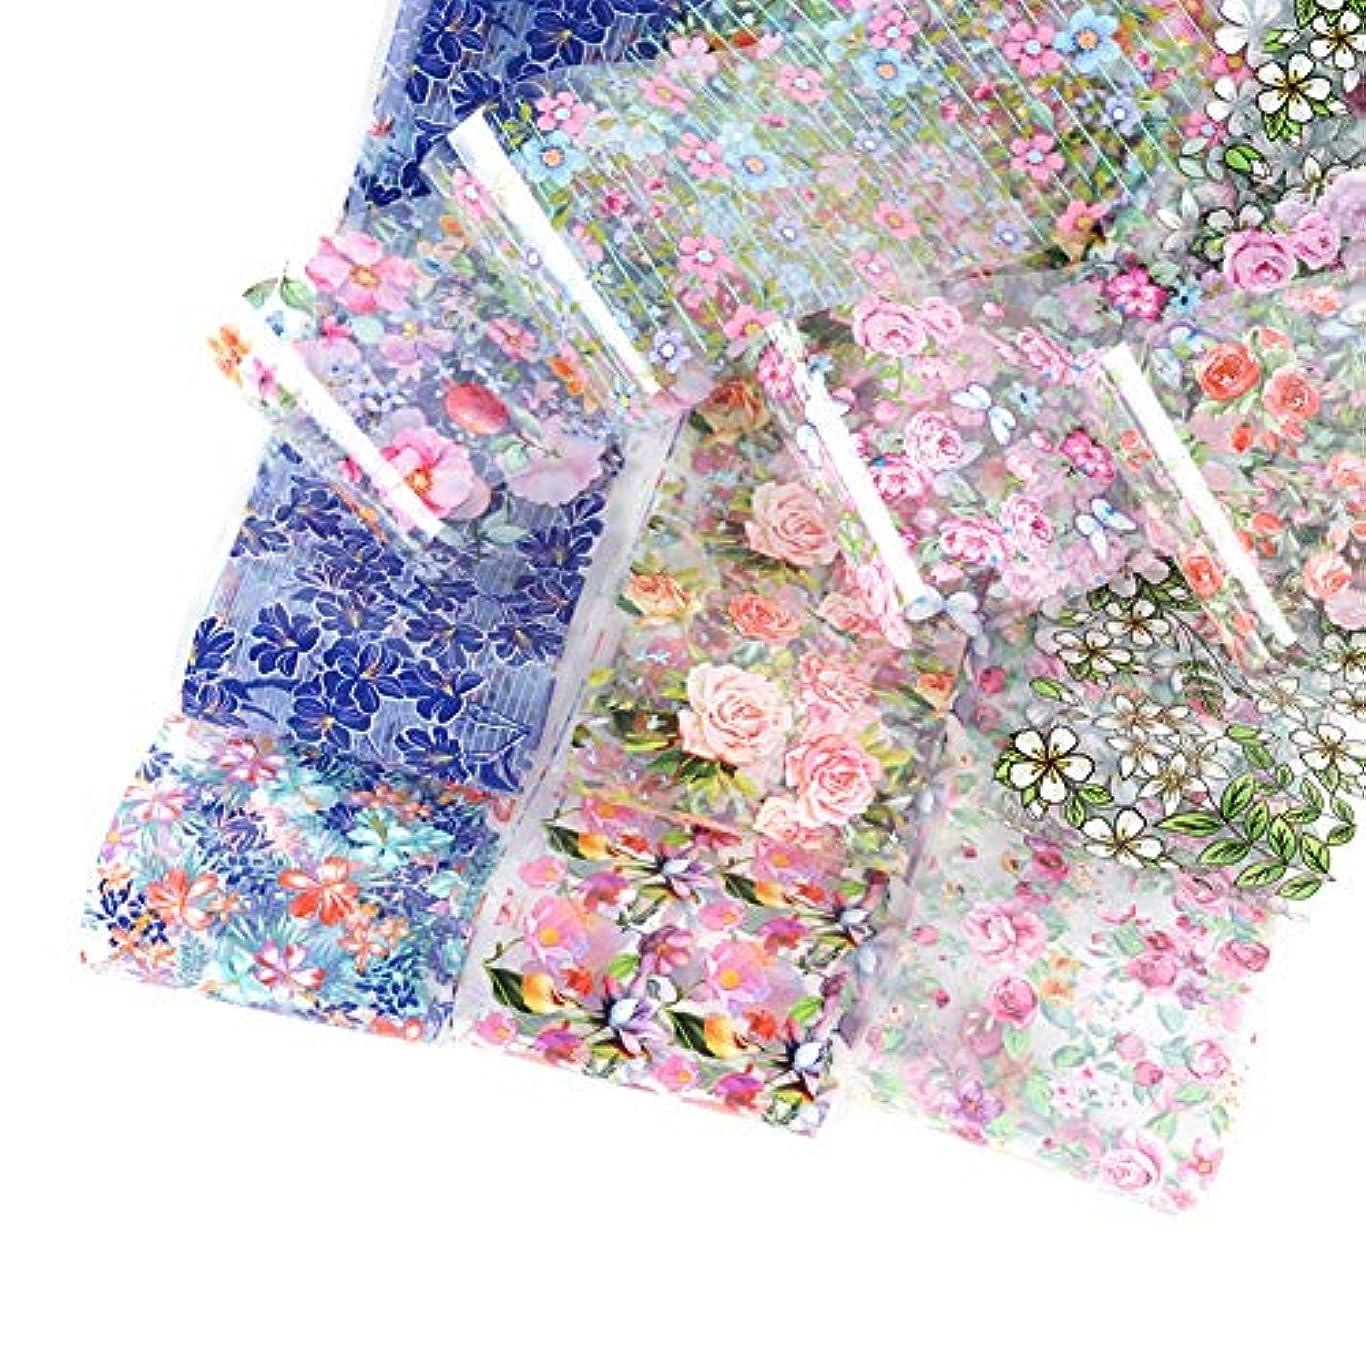 予防接種強調新聞Goshang ネイルシール ネイルステッカー 星空ネイル シェル 花柄ネイルホイル 水彩の花 転写ホイル 箔紙 シェルプリント 極薄フィルム 3D デザイン ネイル転印シール 10pcsセット